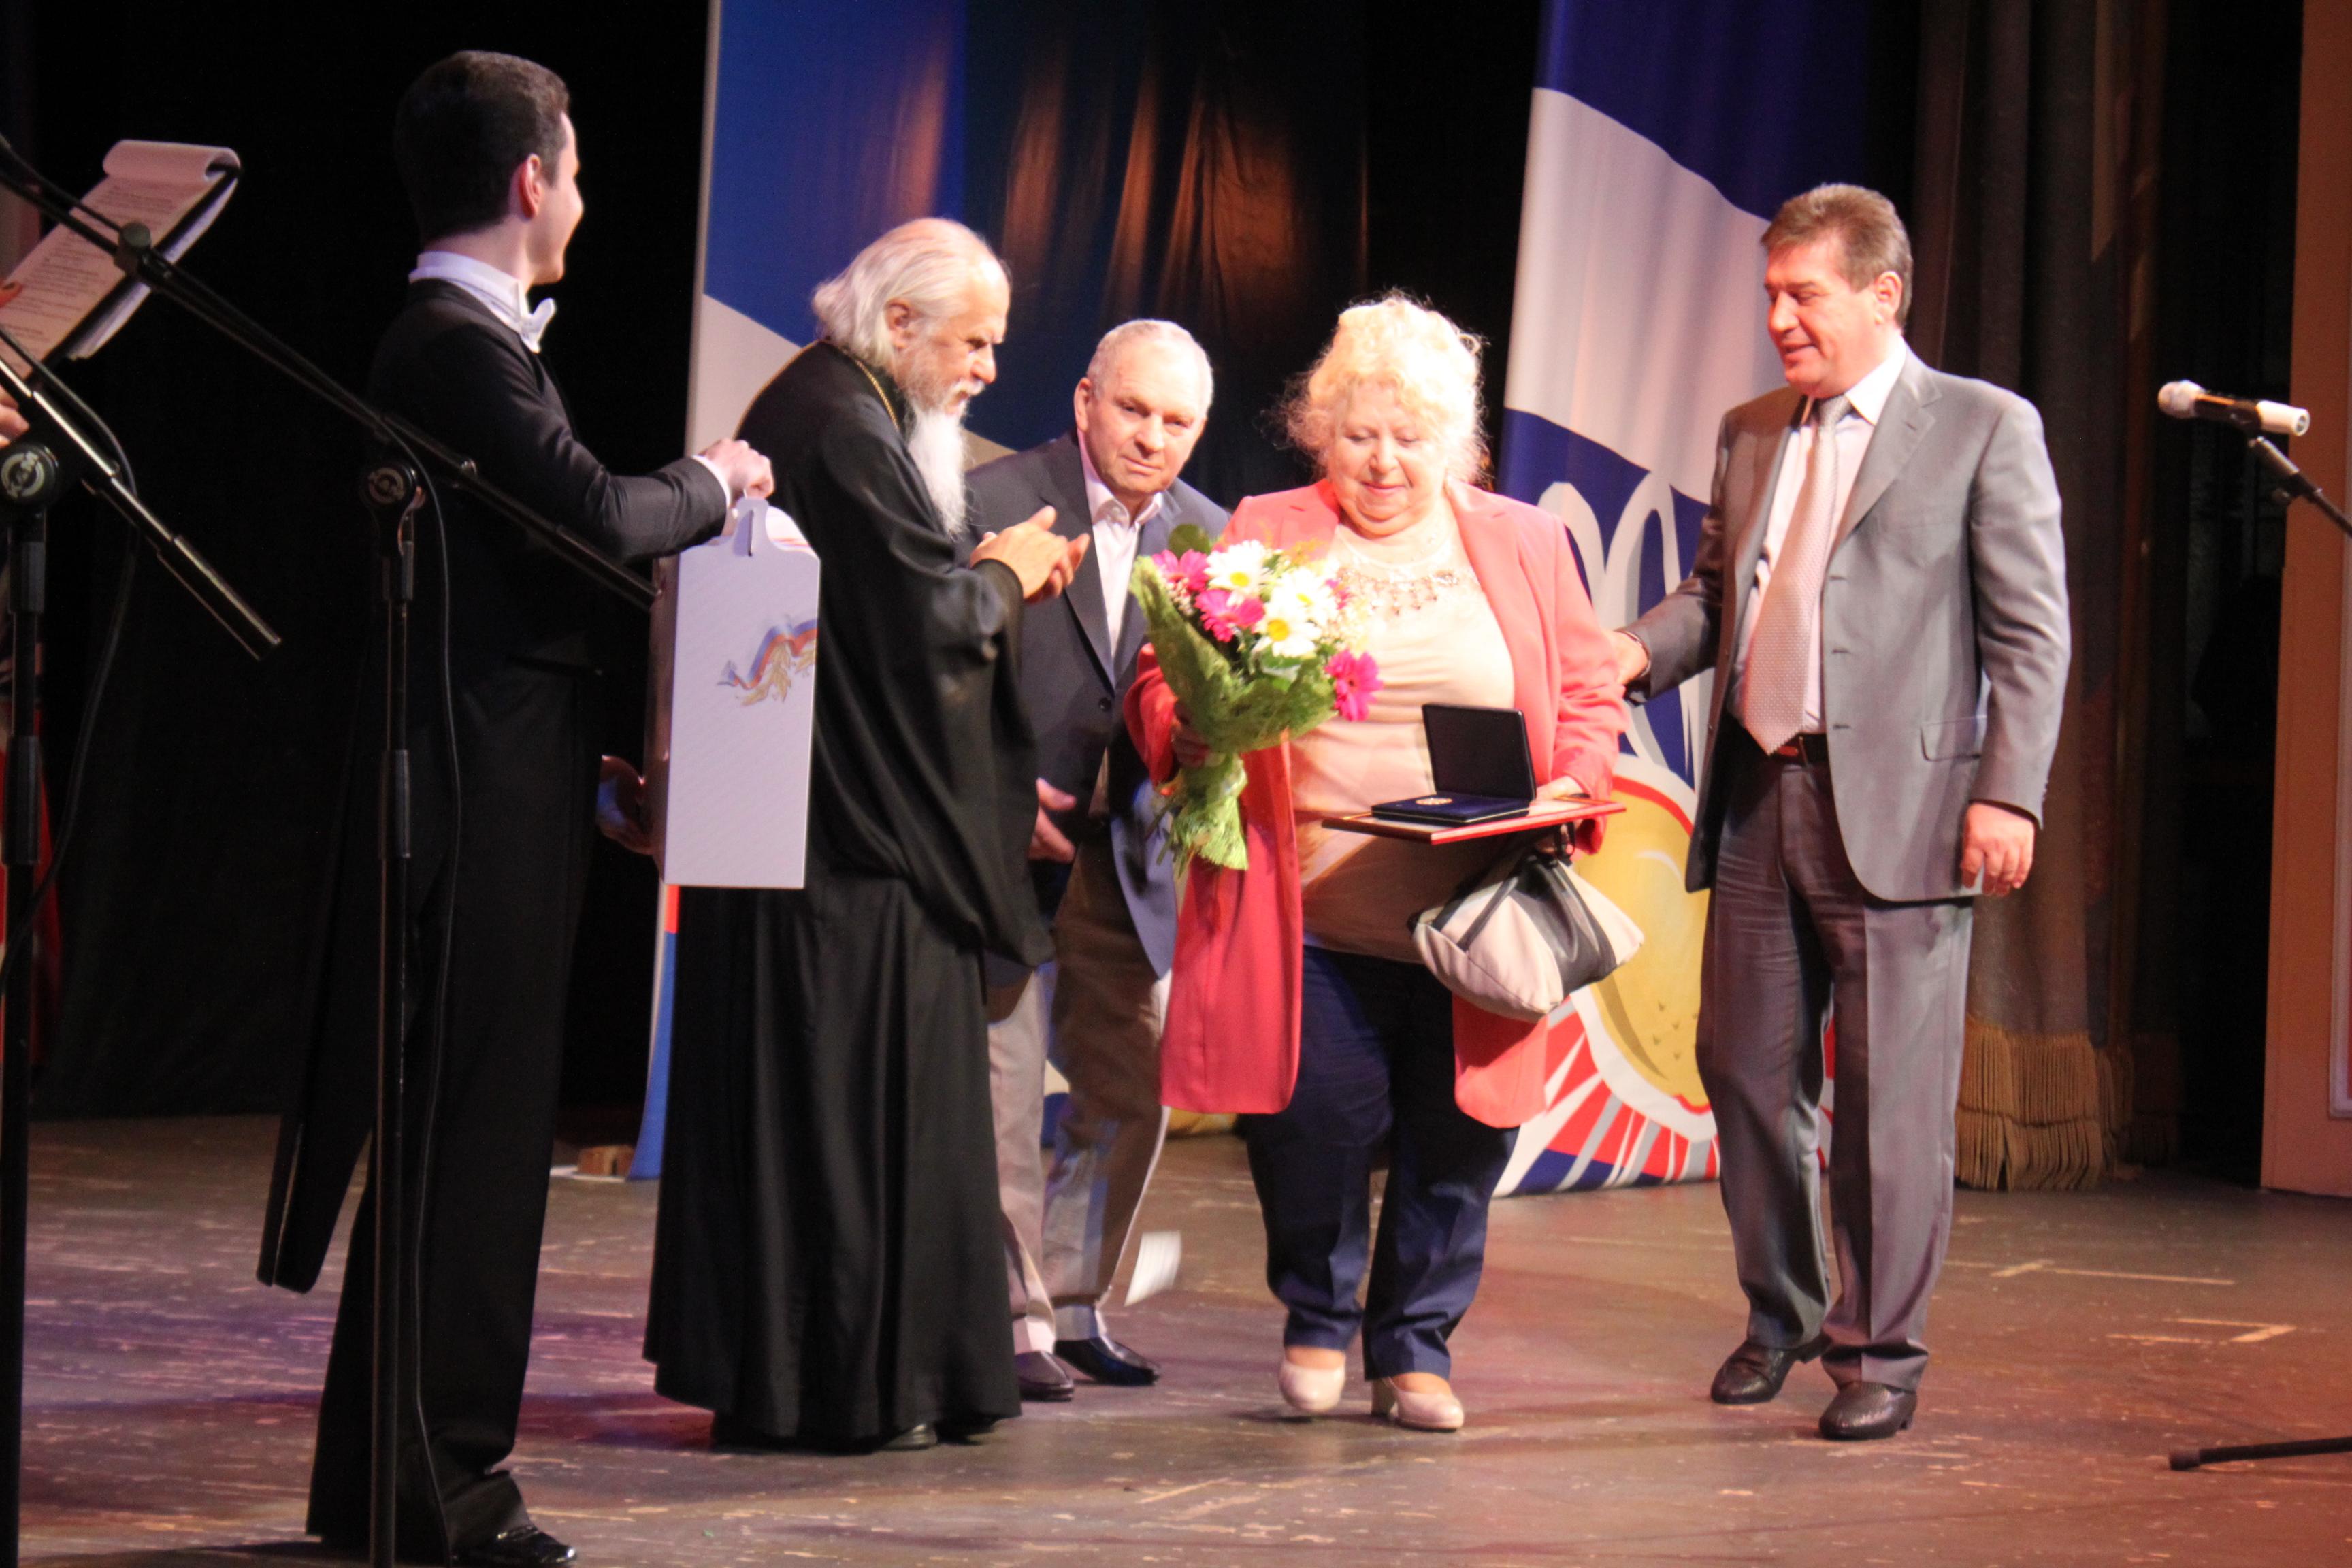 Церемония награждения семей в ДК Железнодорожников